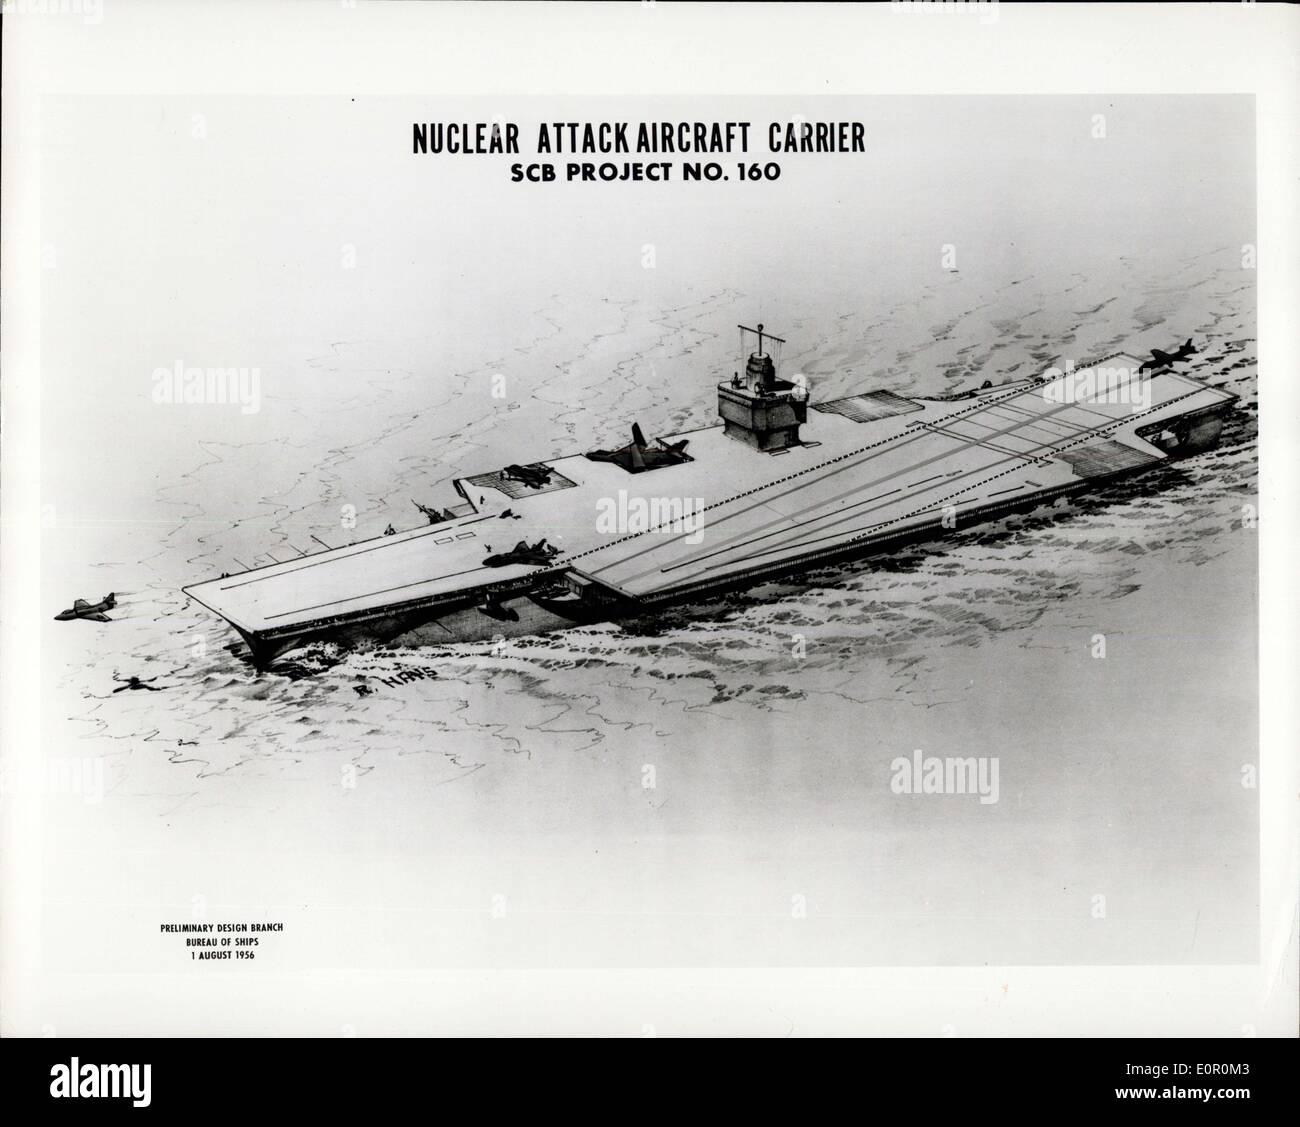 Agosto 02, 1957 - Artista del concetto di Marine Nuclear-Powered proposto Carrier (CVA (N)). CVA(N) rappresenterà Immagini Stock